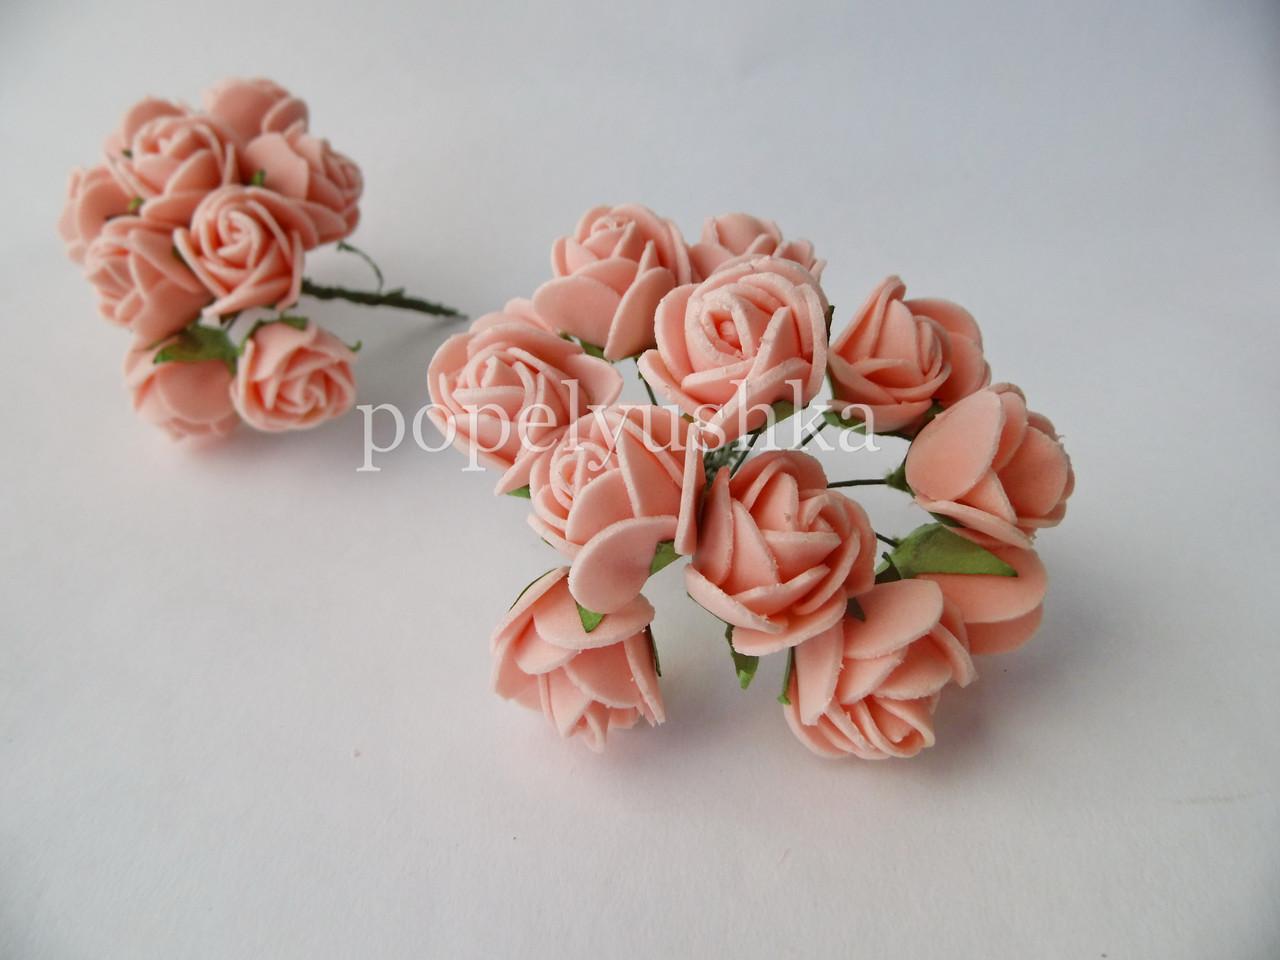 Троянди латексові блідо-персикові 2 см